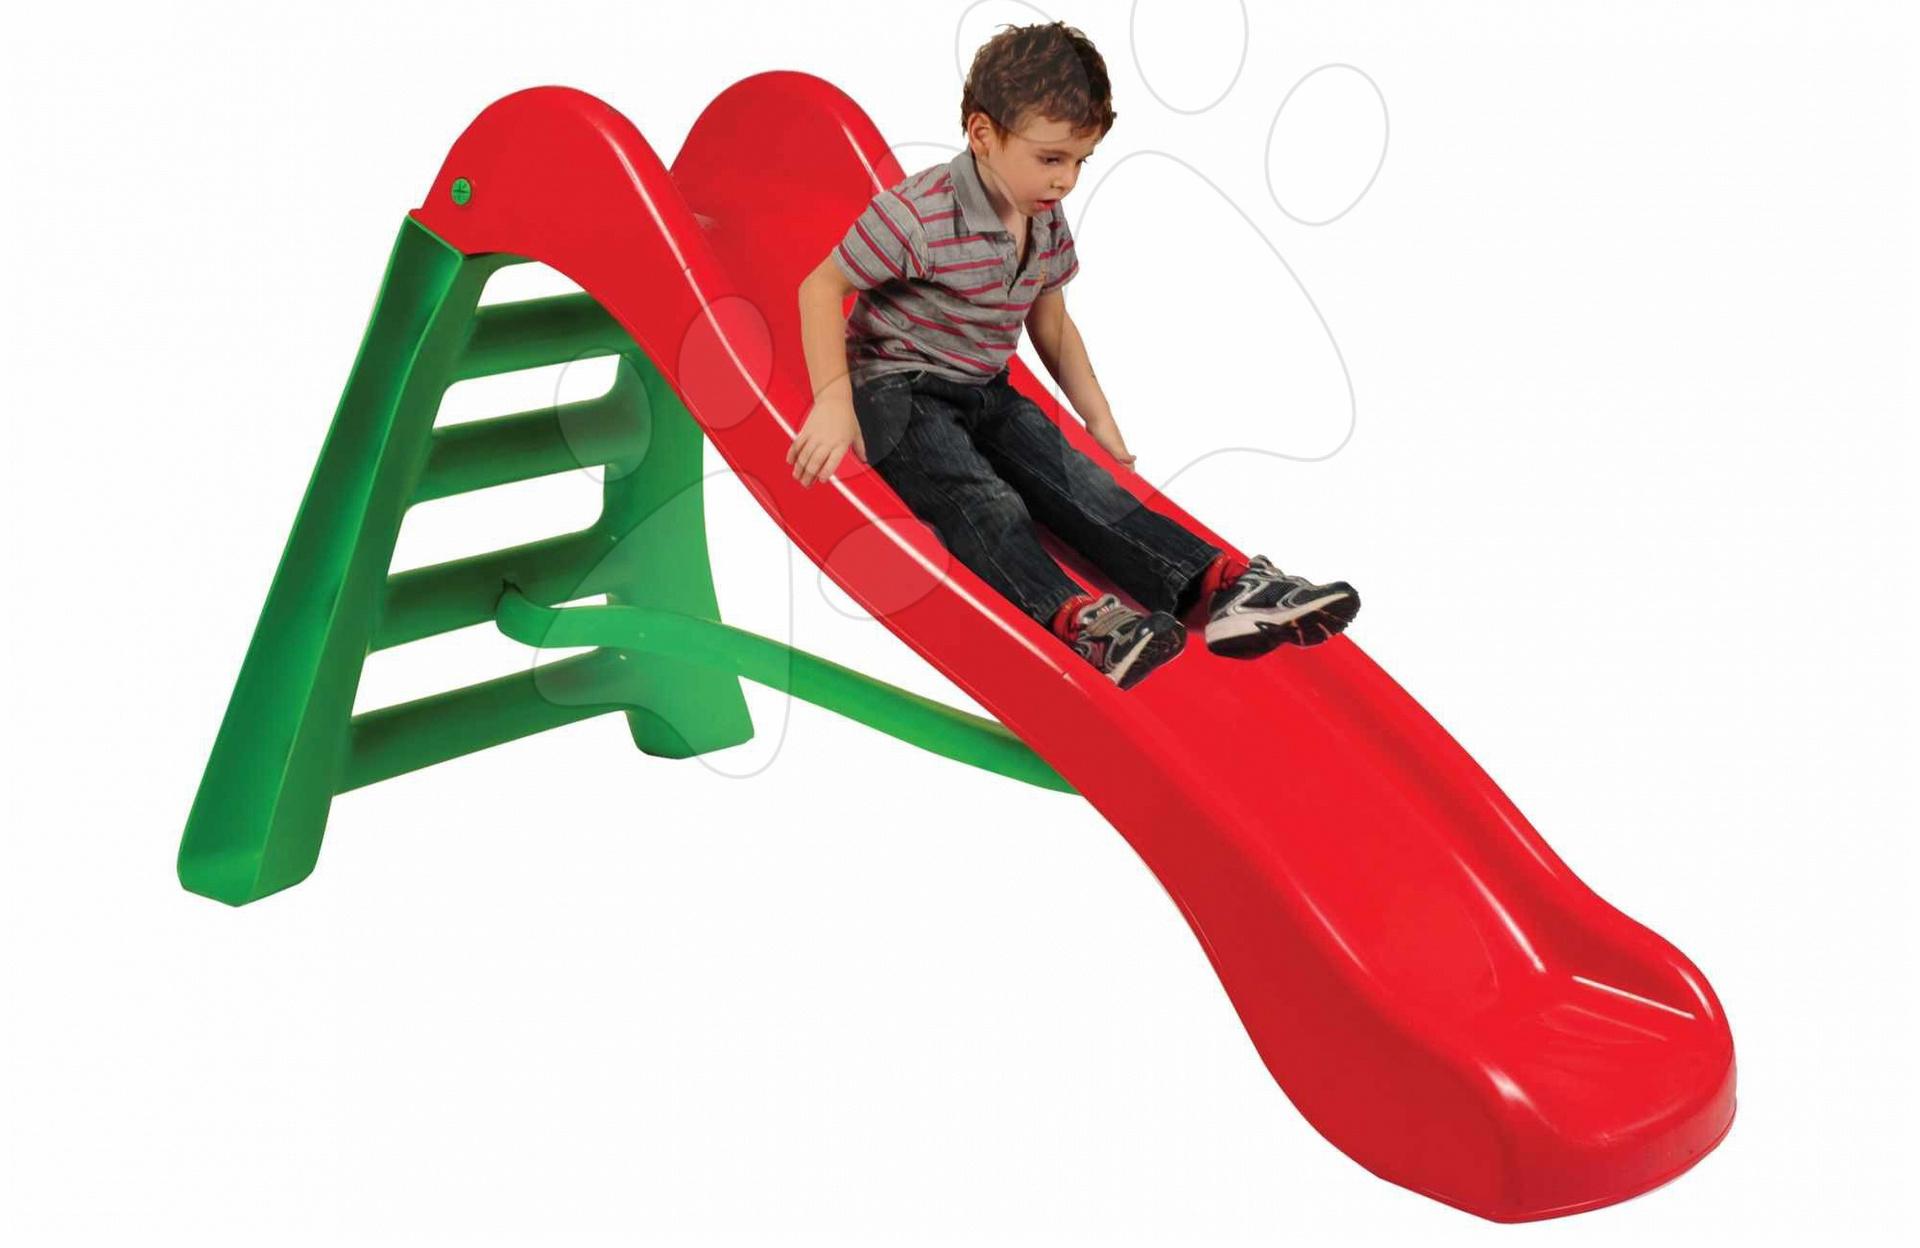 Tobogane pentru copii - Tobogan Starplast cu lungime de 2 m roşu-verde